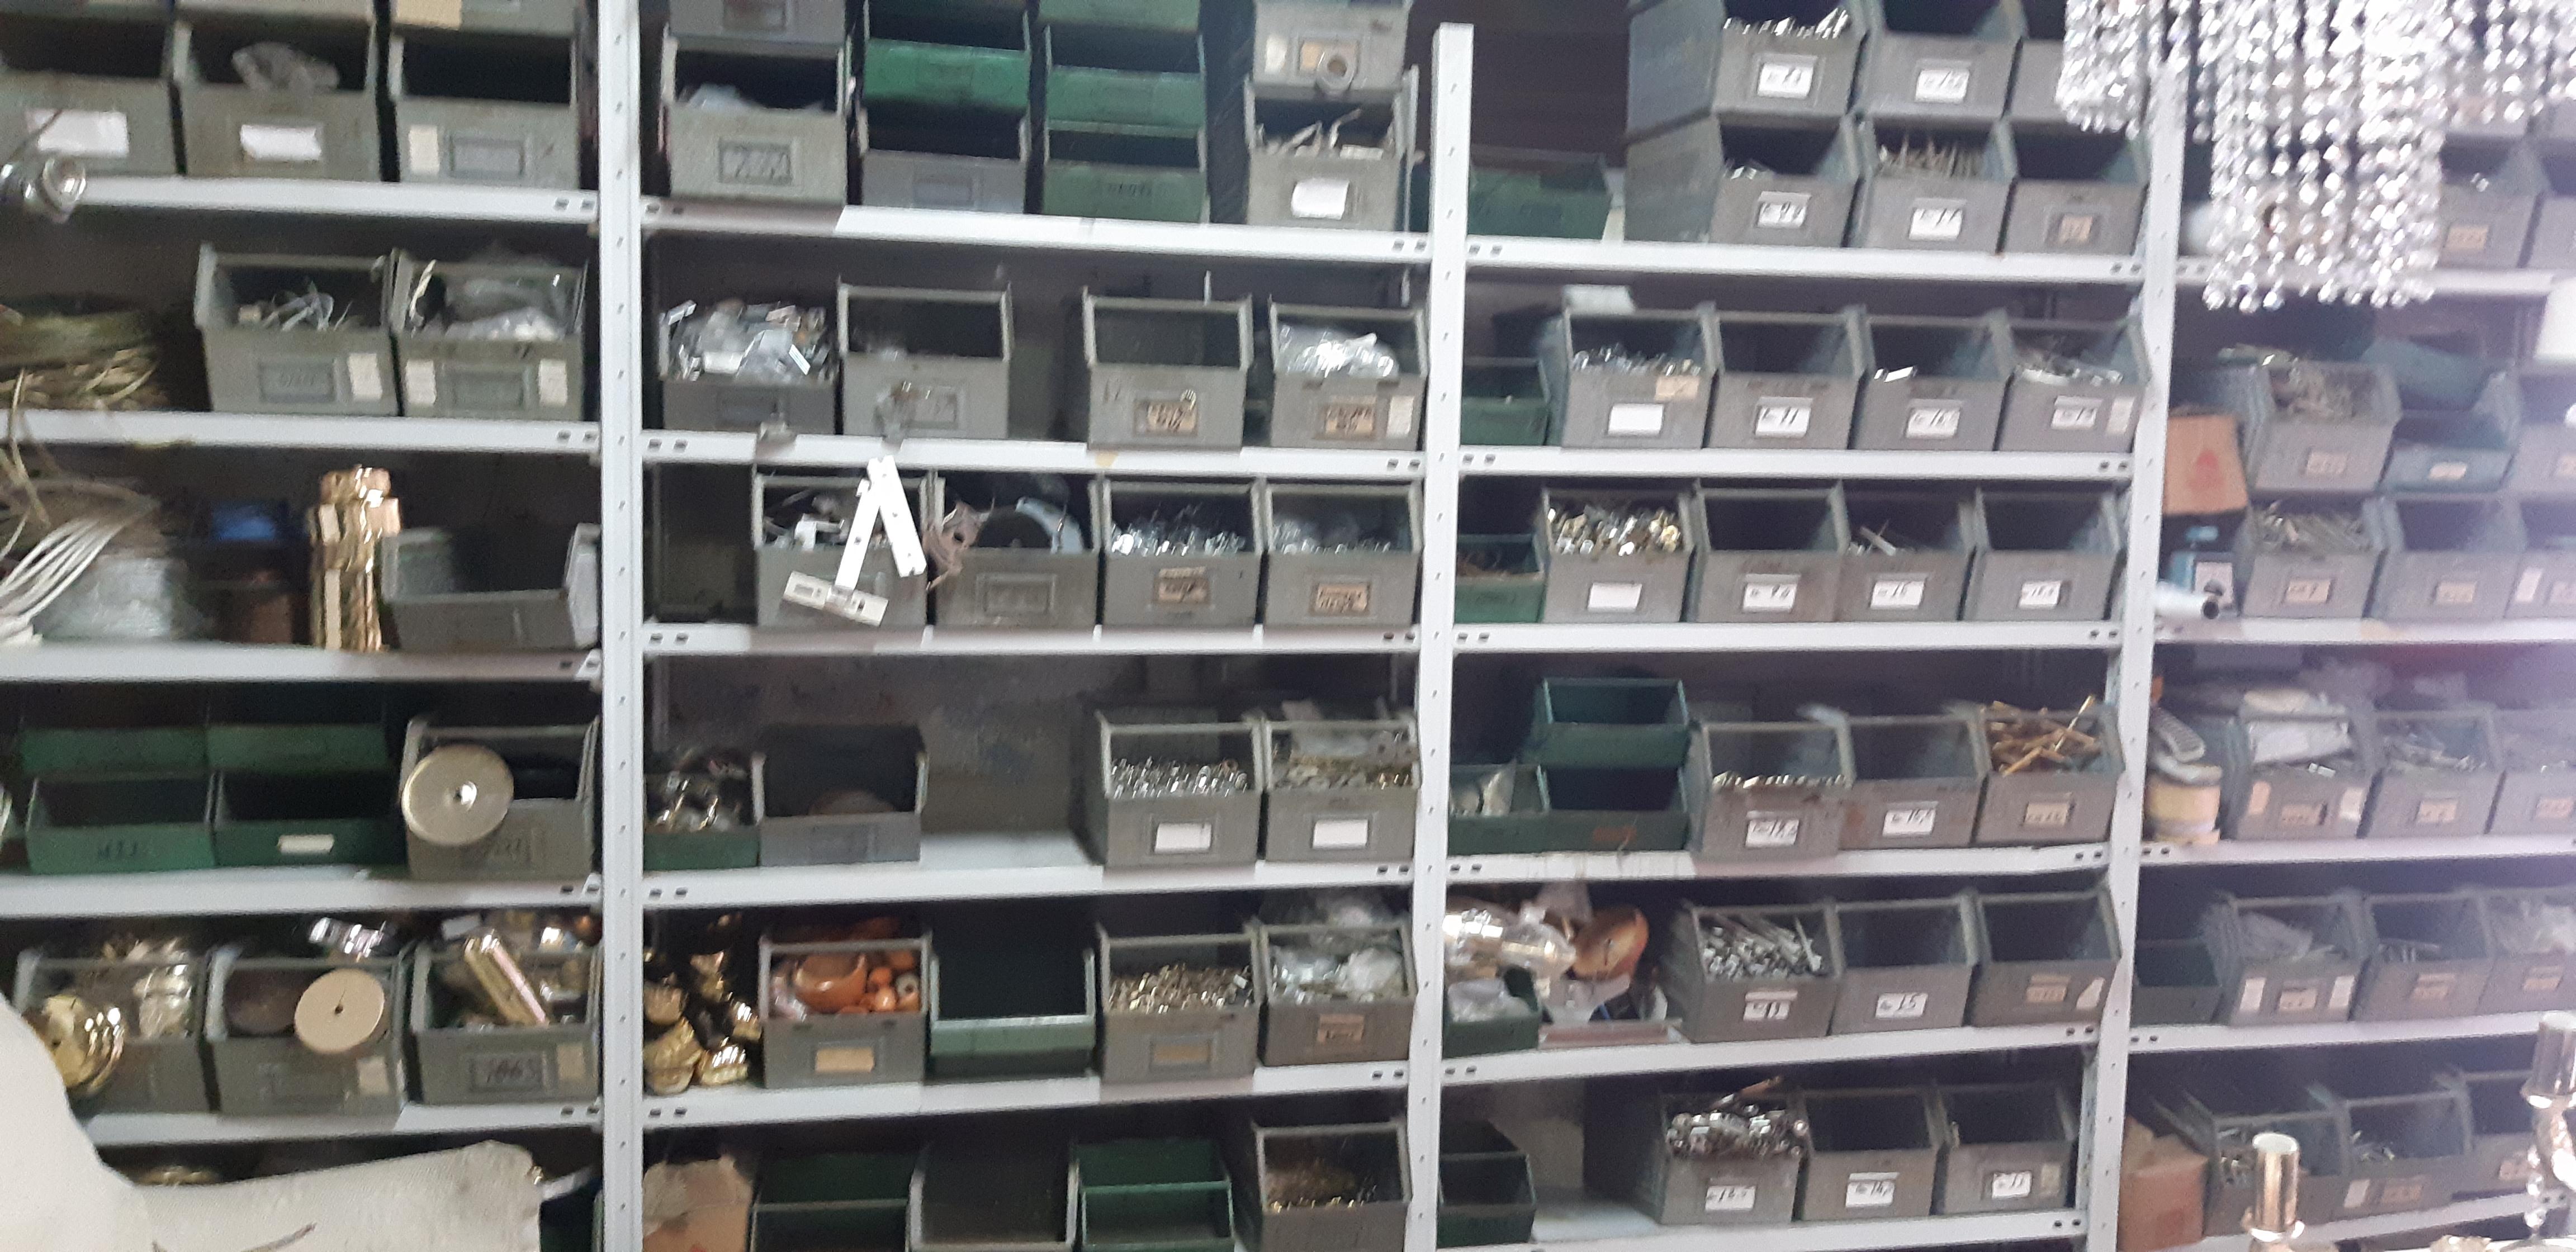 Macchinari ed attrezzature in vendita - foto 4